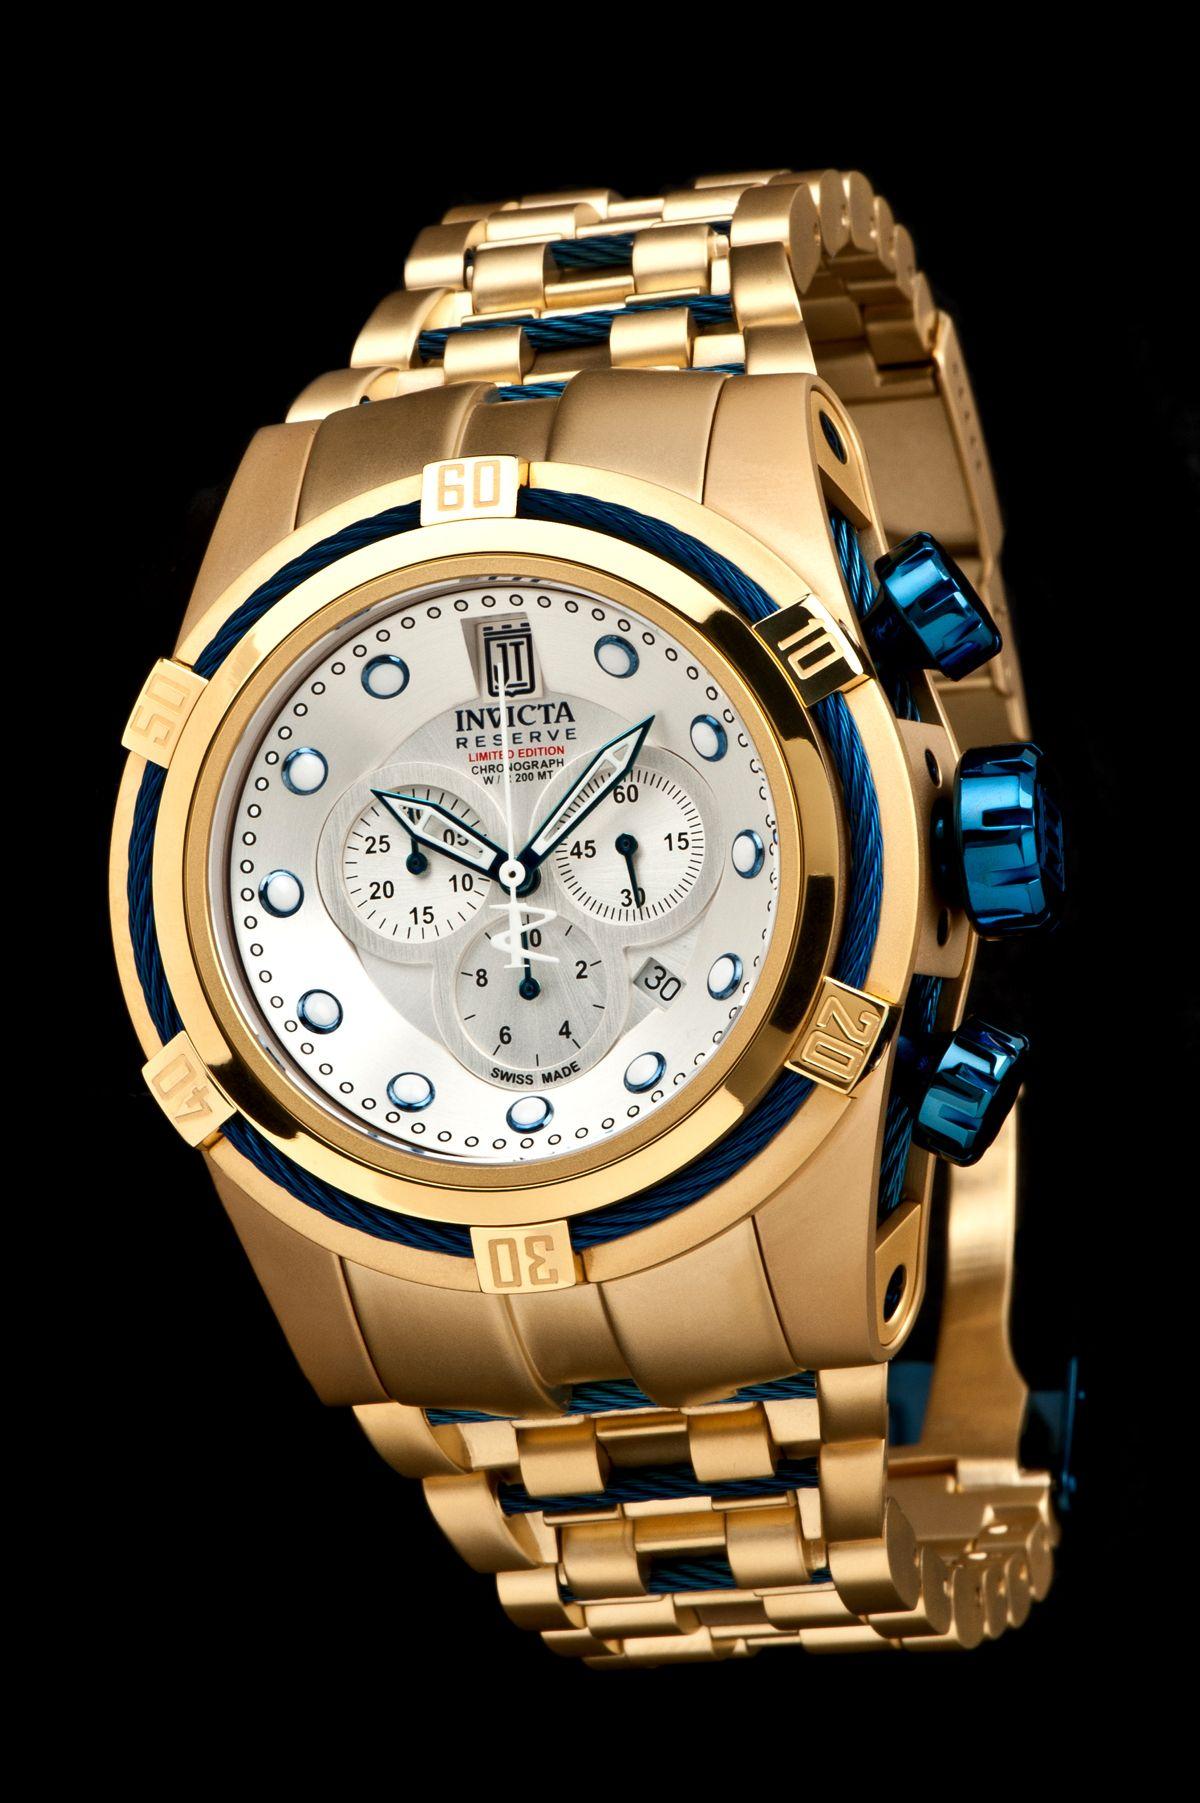 9a62de30aaf Um relógio perfeito com um design destruidor de corações. Fica a dica tá  chegando 13 de março...  invicta  watch  bolt  zeus  bdaygift